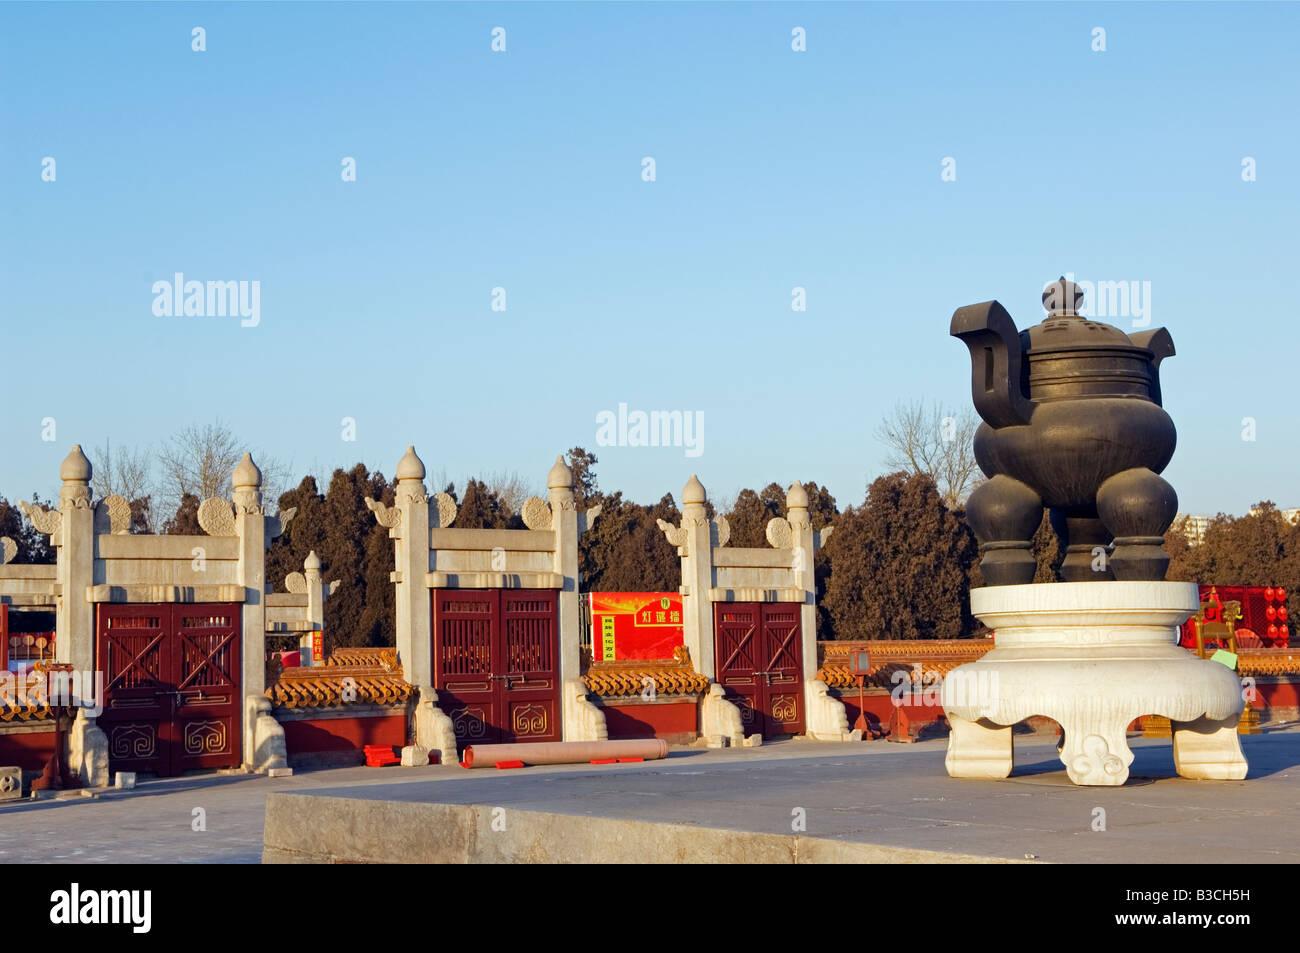 China, Beijing, Parque Ditan. Las puertas del templo y monumento. Foto de stock